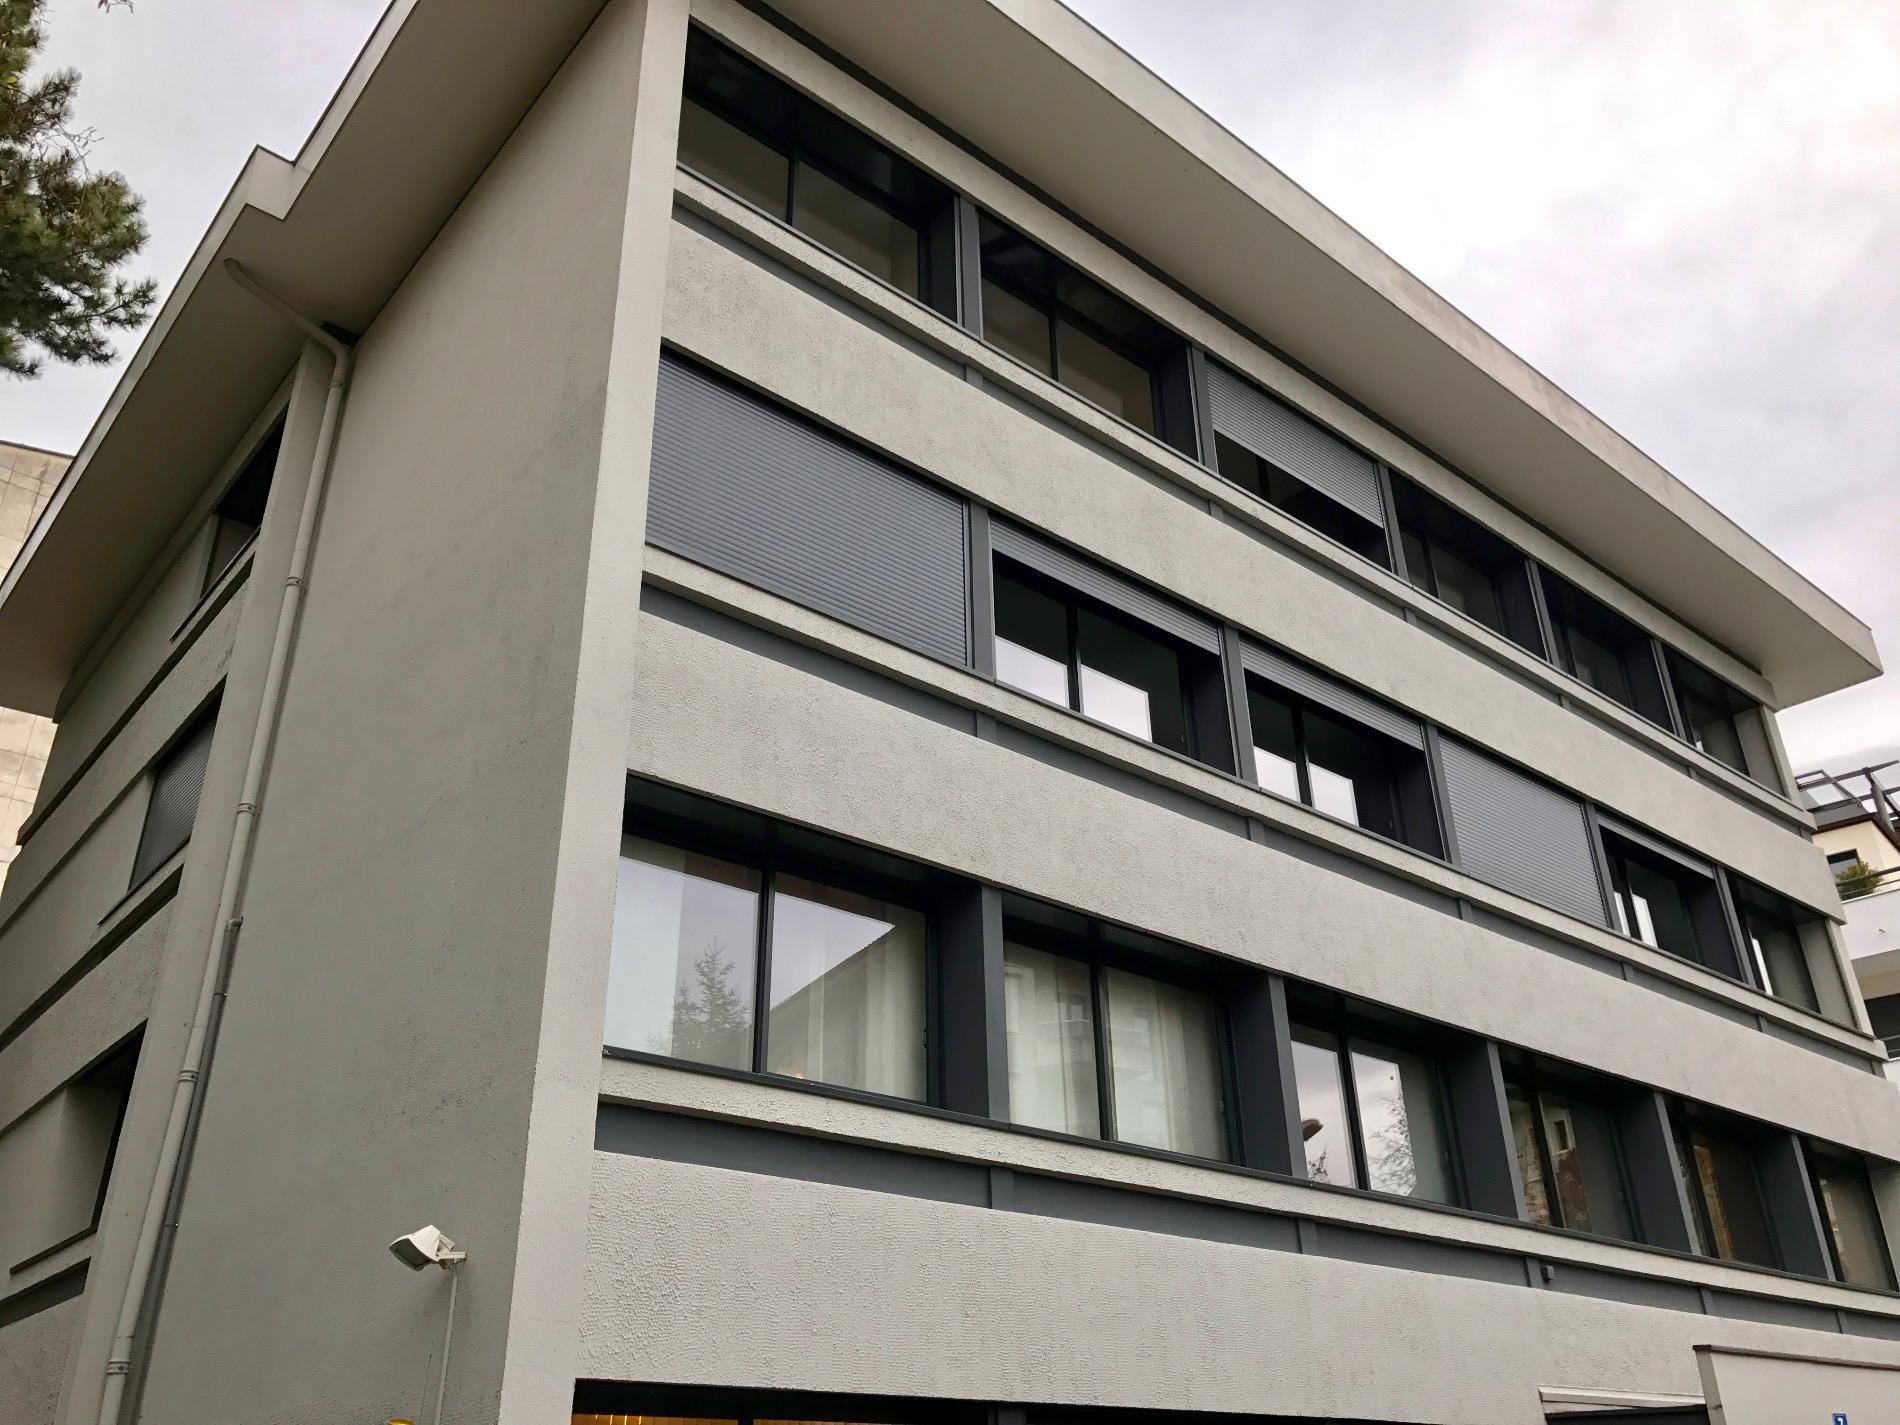 L636b- Annecy, trés bel emplacement pour ce local à usage professionnel sur 157m2 loi Carrez.